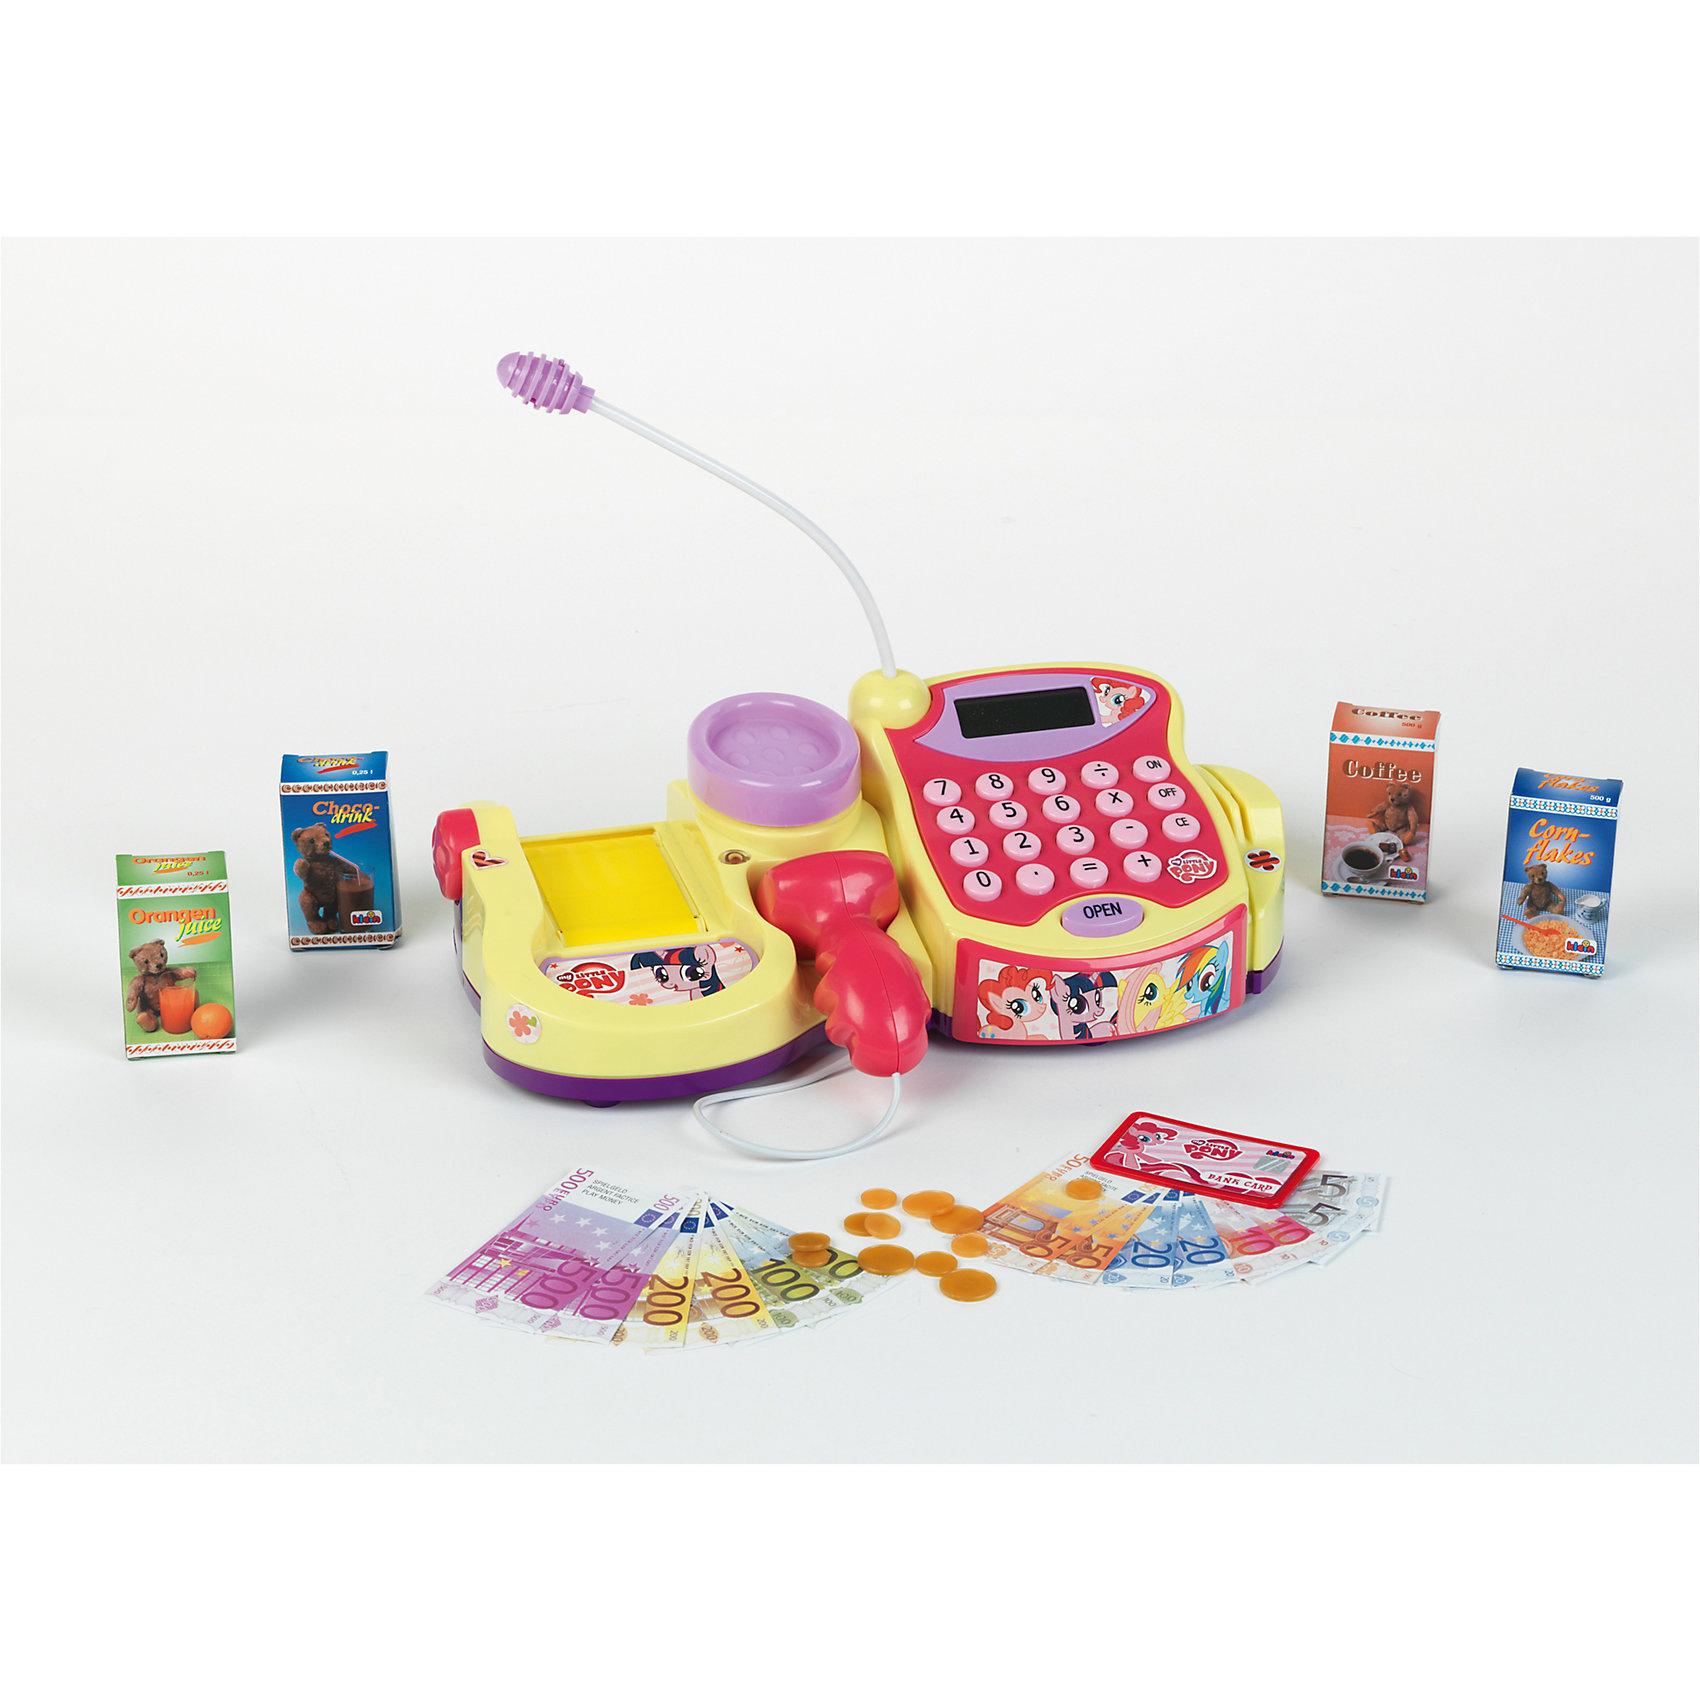 Электронная касса  My Little Pony, KleinЭлектронная касса  My Little Pony (Моя маленькая Пони) обязательно понравится вашей девочке. С такой кассой играть в магазин гораздо интереснее и веселее!  Имеет жидкокристаллический монитор и кнопки,  работает как калькулятор. При нажатии кнопки OPEN открывается отсек для денег; при нажатии на кнопку сканера, раздается характерных звук и мигает лампочка; при взвешивании на весах, на мониторе появляются цифры; транспортировочная лента прокручивается с помощью колесика. Этот увлекательный набор подарит много радости вашему ребенку, прекрасно подходит для сюжетно-ролевых игр, развивает навыки счета, моторику и воображение. Выполнен из высококачественного пластика, безопасен для детей. <br><br>Дополнительная информация:<br><br>- Элемент питания: 2 батарейки R6 (в комплект не входят).<br>- Материал: пластик.<br>- Комплектация: кредитная карта, деньги, продукты (кукурузные хлопья, апельсиновый сок, кофе, шоколадный напиток), касса, весы, сканер. <br>- Размер кассы: 31 см. <br><br>Электронную кассу  My Little Pony (Май Литл Пони) Klein можно купить в нашем магазине.<br><br>Ширина мм: 345<br>Глубина мм: 170<br>Высота мм: 200<br>Вес г: 1038<br>Возраст от месяцев: 36<br>Возраст до месяцев: 120<br>Пол: Женский<br>Возраст: Детский<br>SKU: 3972643